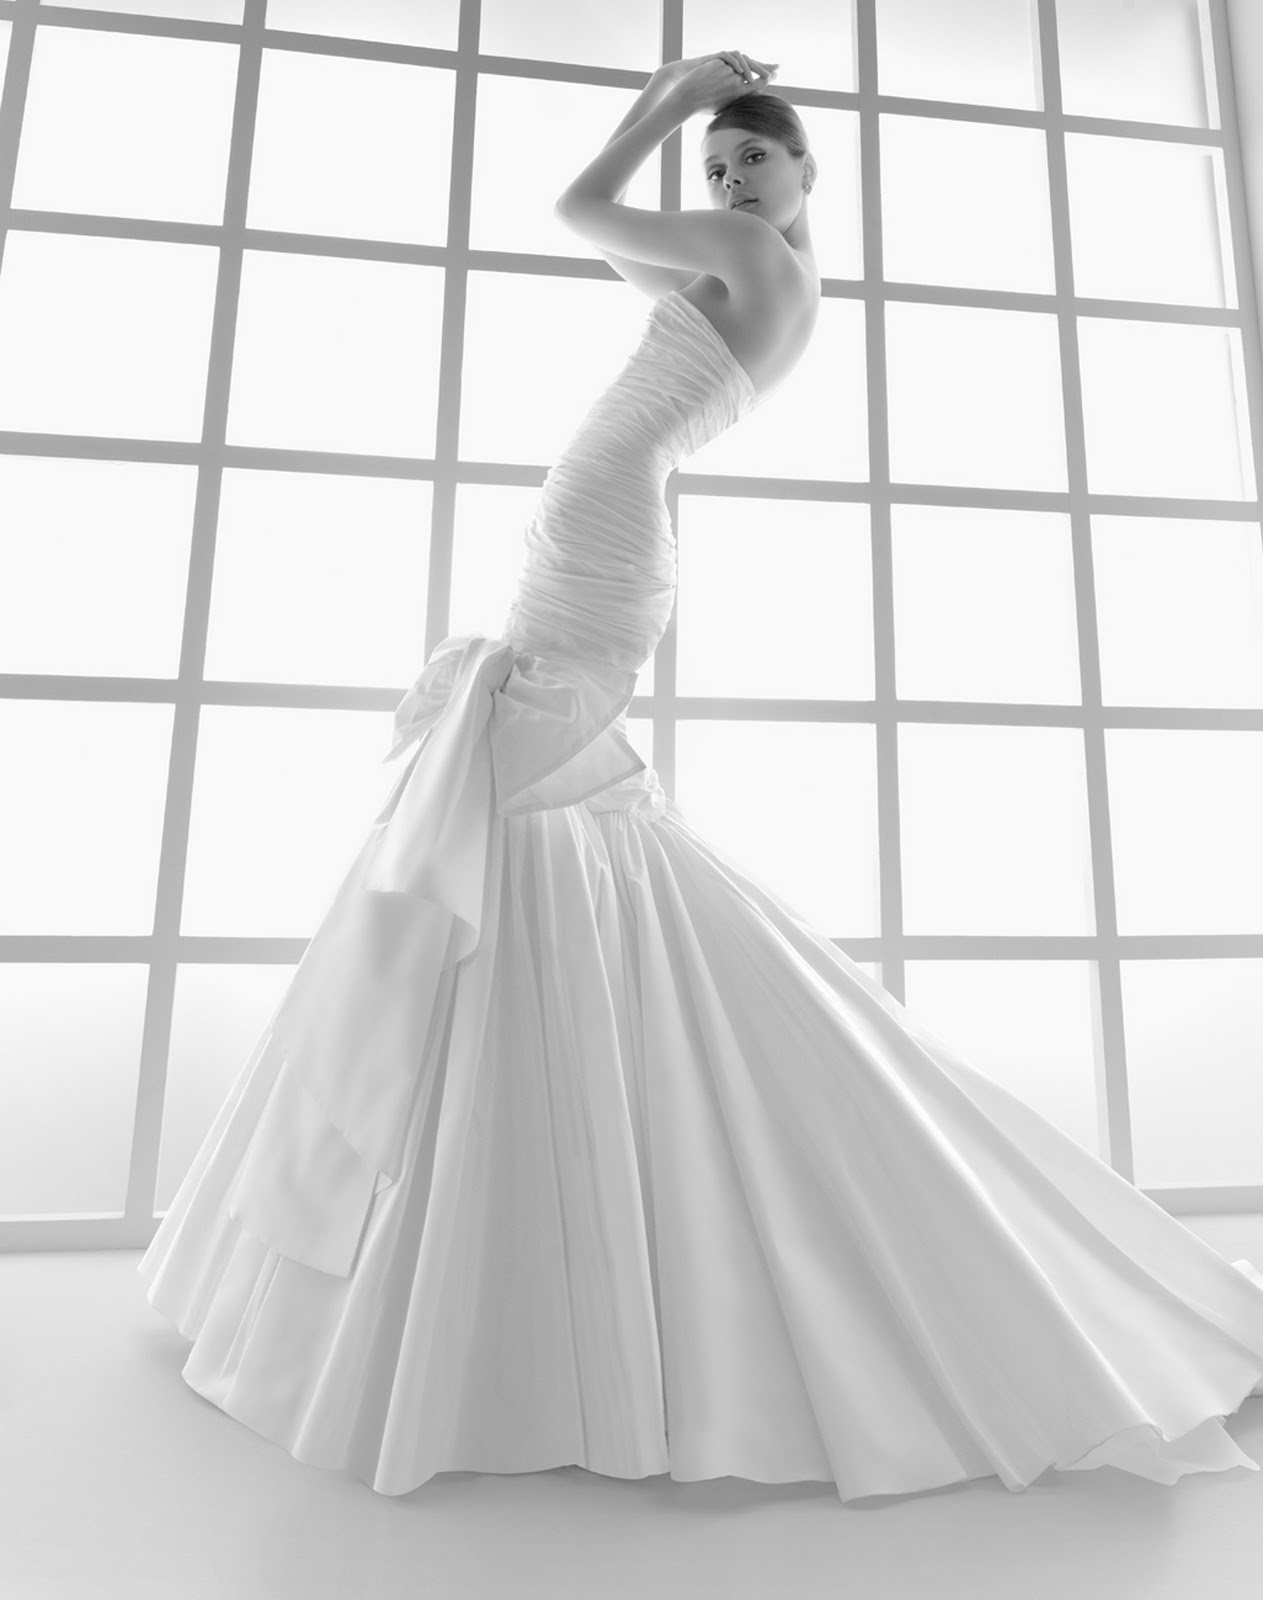 dd39b30430 A legtöbb nő álma, hogy egyszer hófehér ruhában oltár elé állhasson,  mindenki őt csodálja, az a nap szinte csak róla szóljon. Ám nem mindegy,  milyen ruhát ...